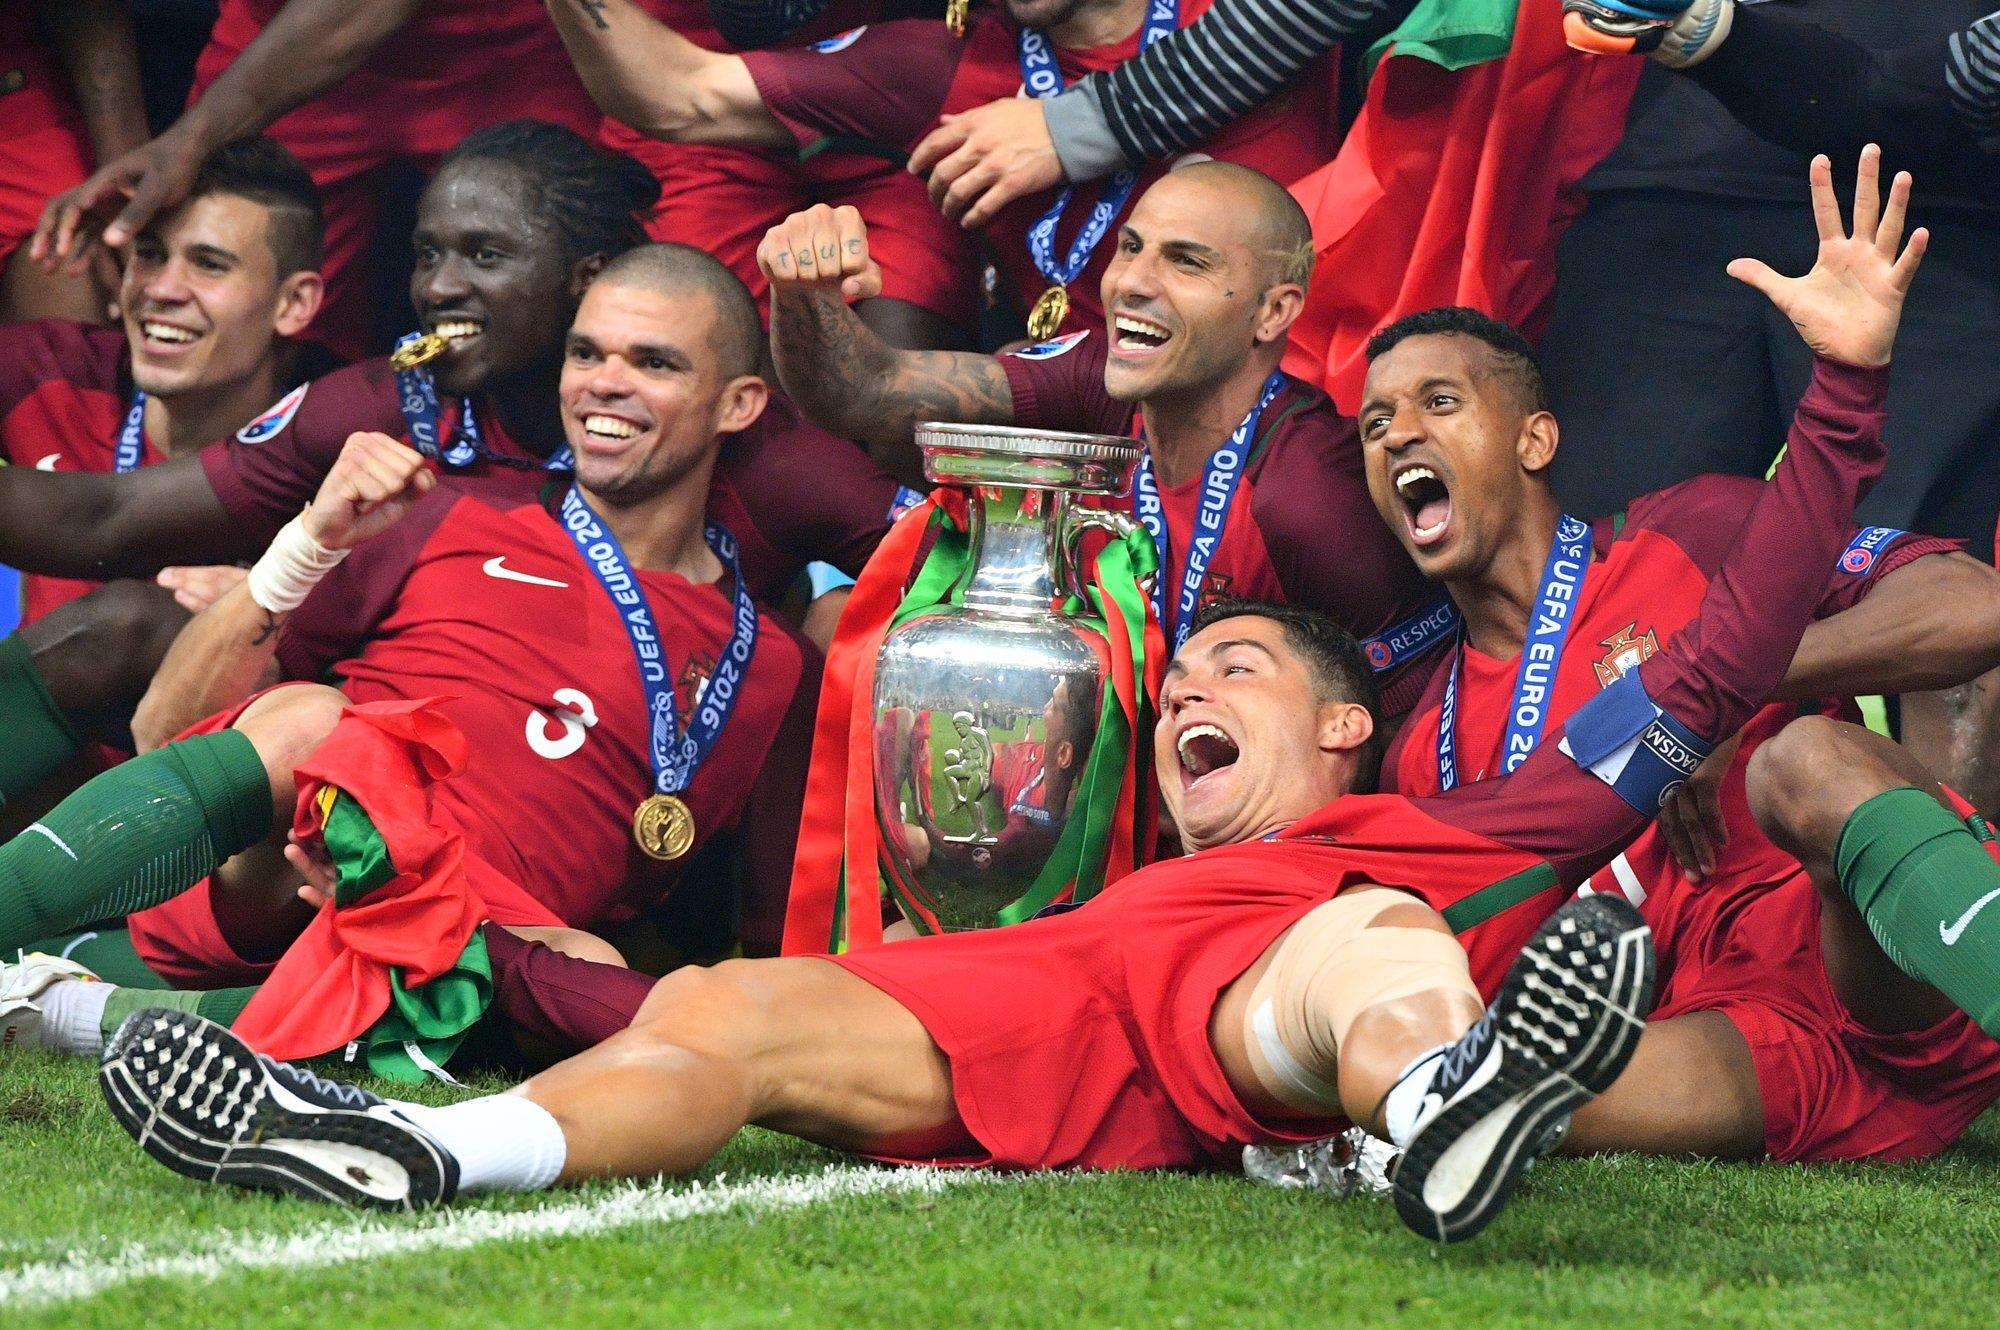 Чемпионы Евро. Все в деле кроме Греции